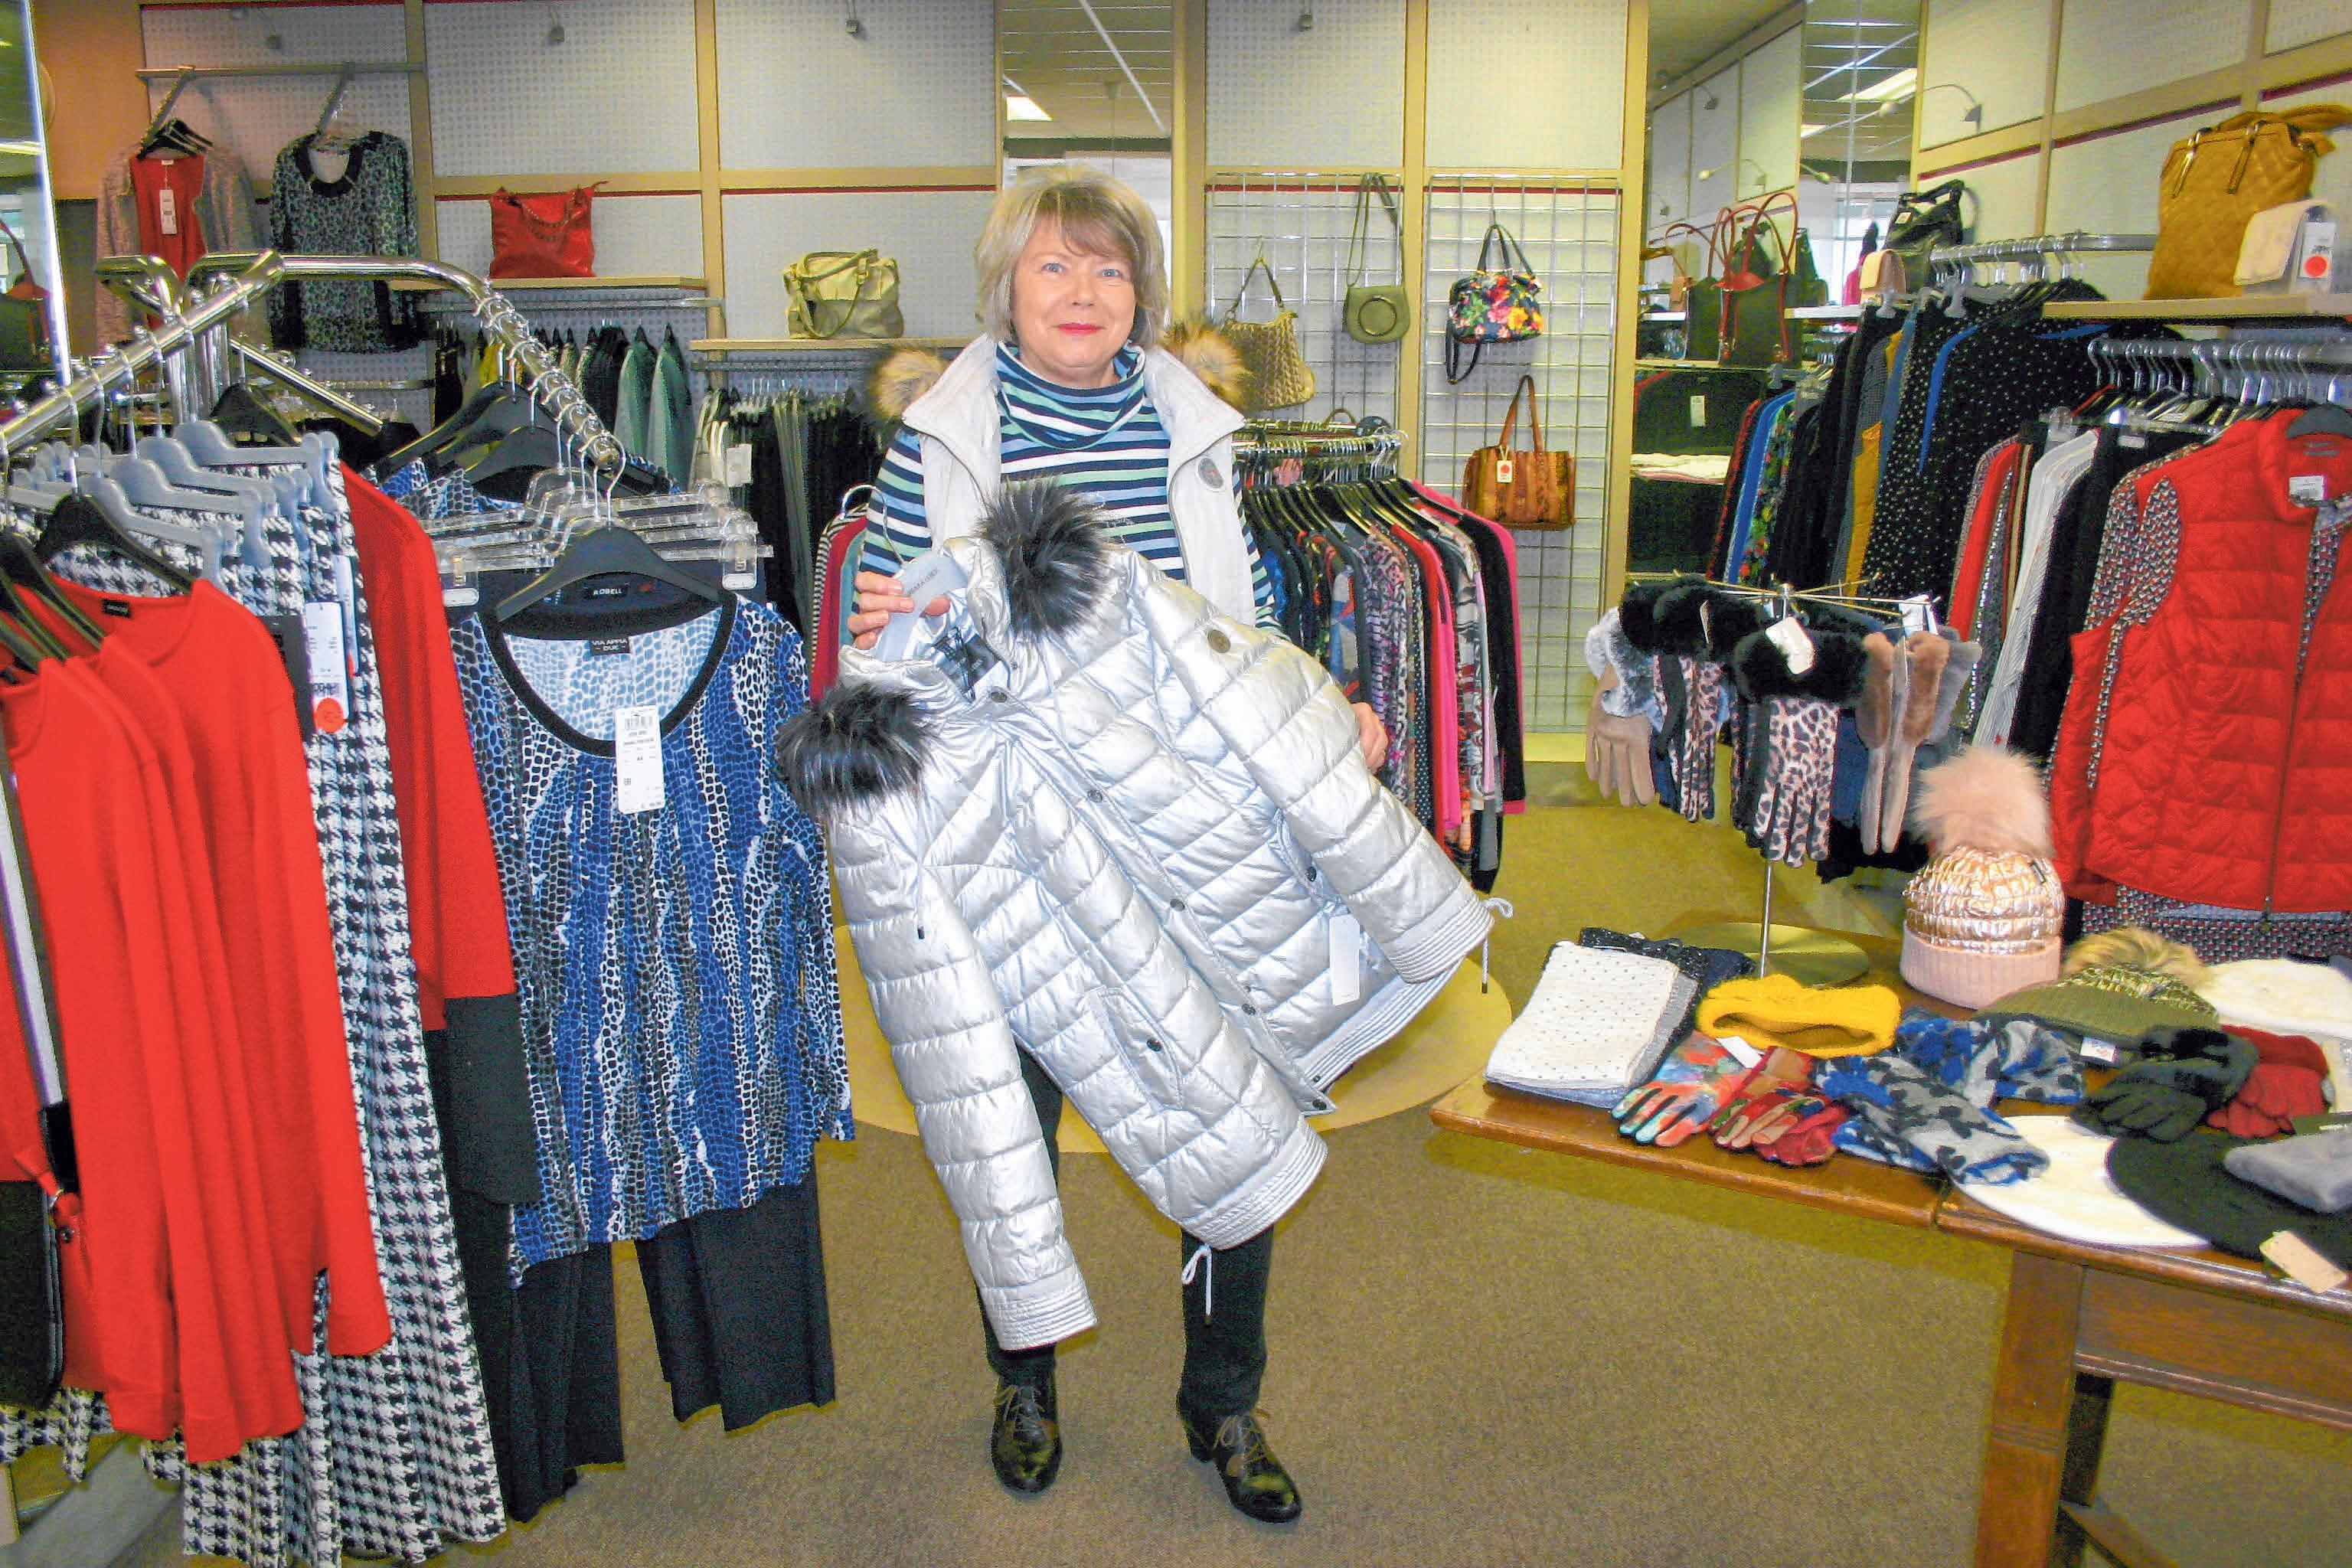 Die Mode-Ecke führt zahlreiche tolle Schnäppchen im Angebot.